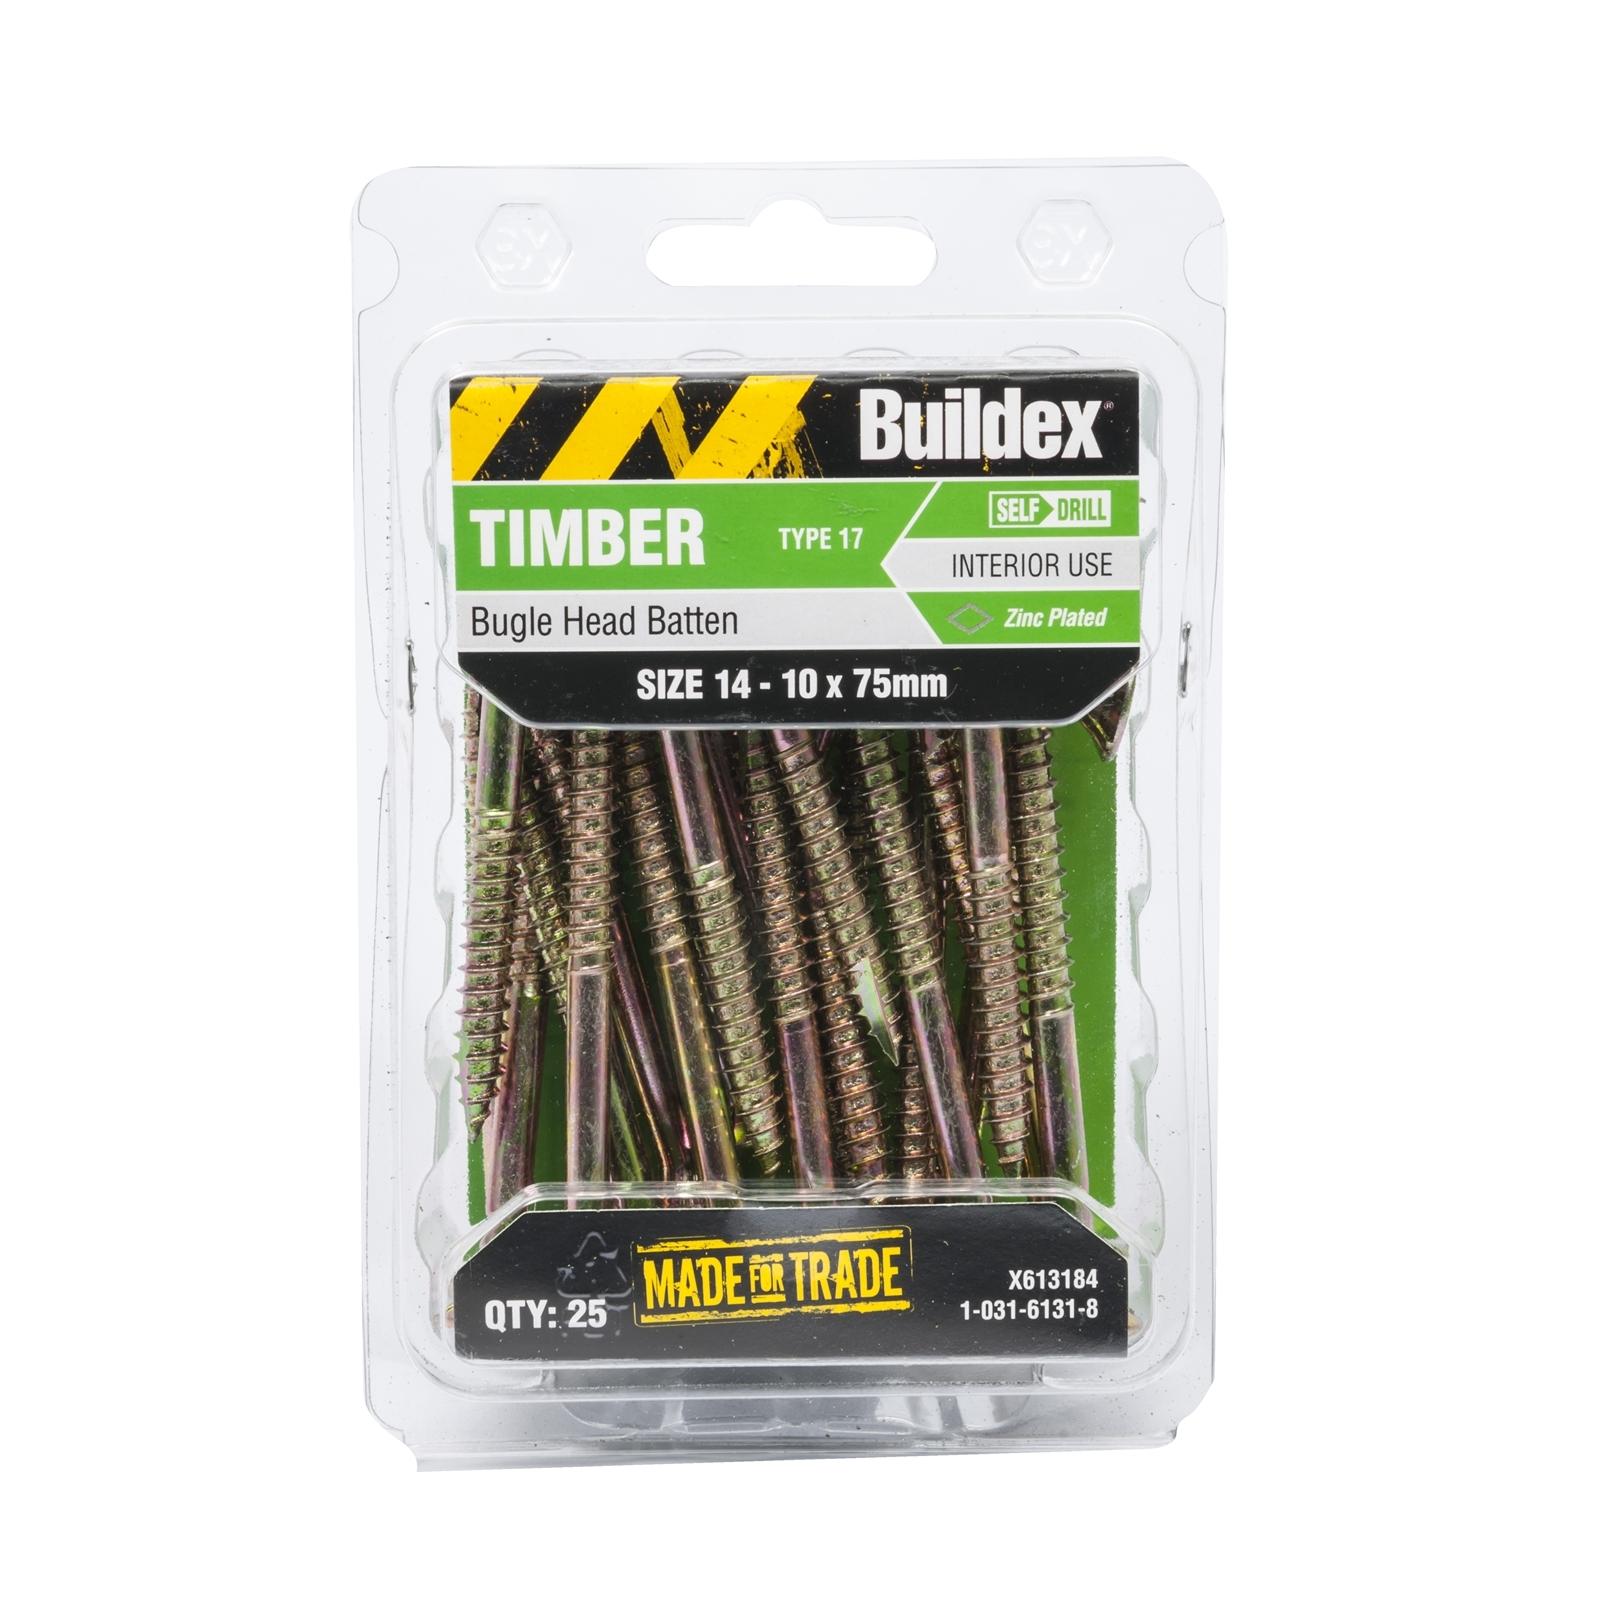 Buildex 14-10 x 75mm Zinc Plated Bugle Head Batten Timber Screws - 25 Pack